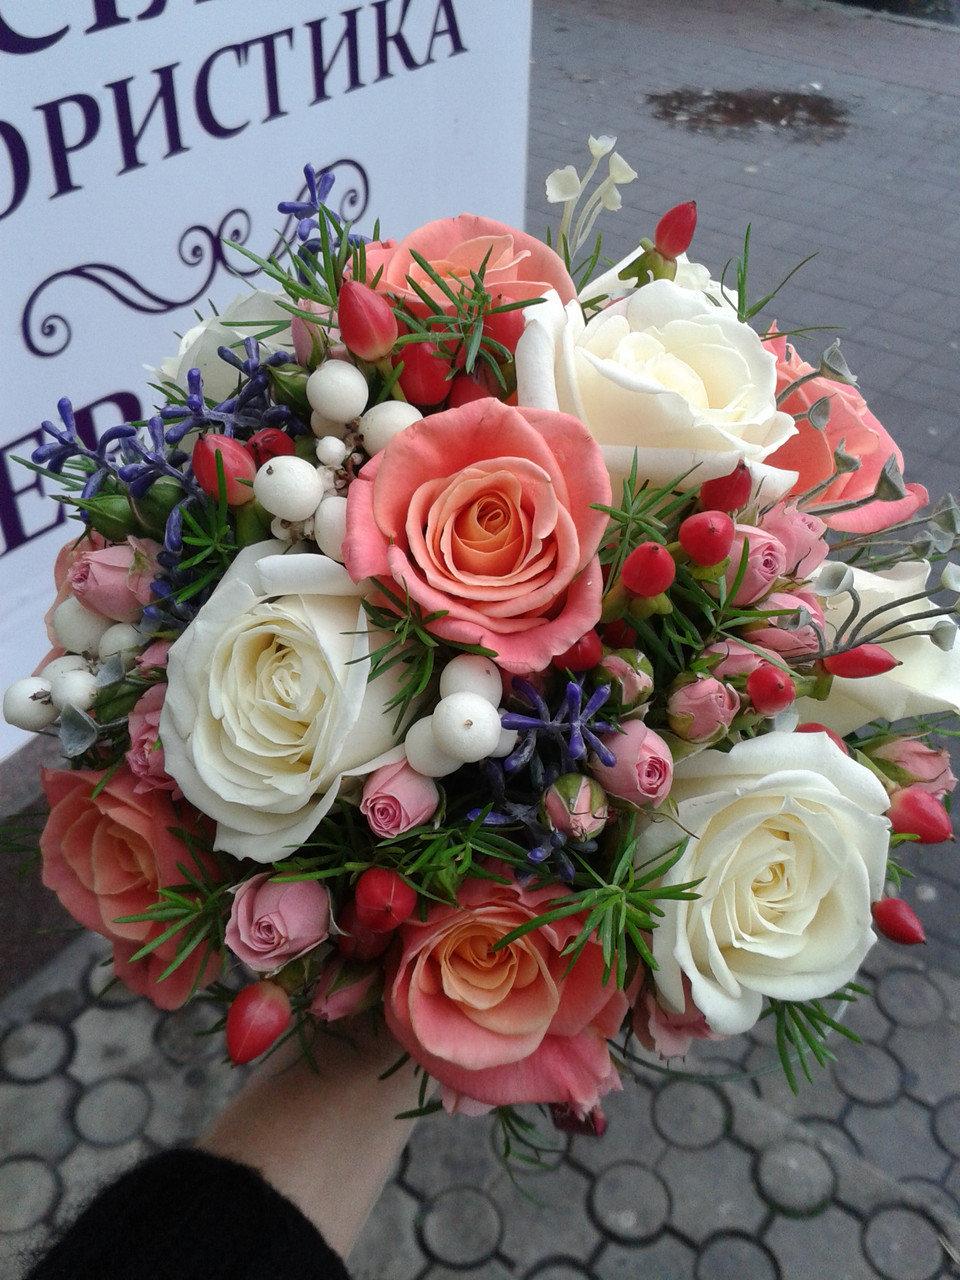 Роз перми, заказ свадебный букет в донецке